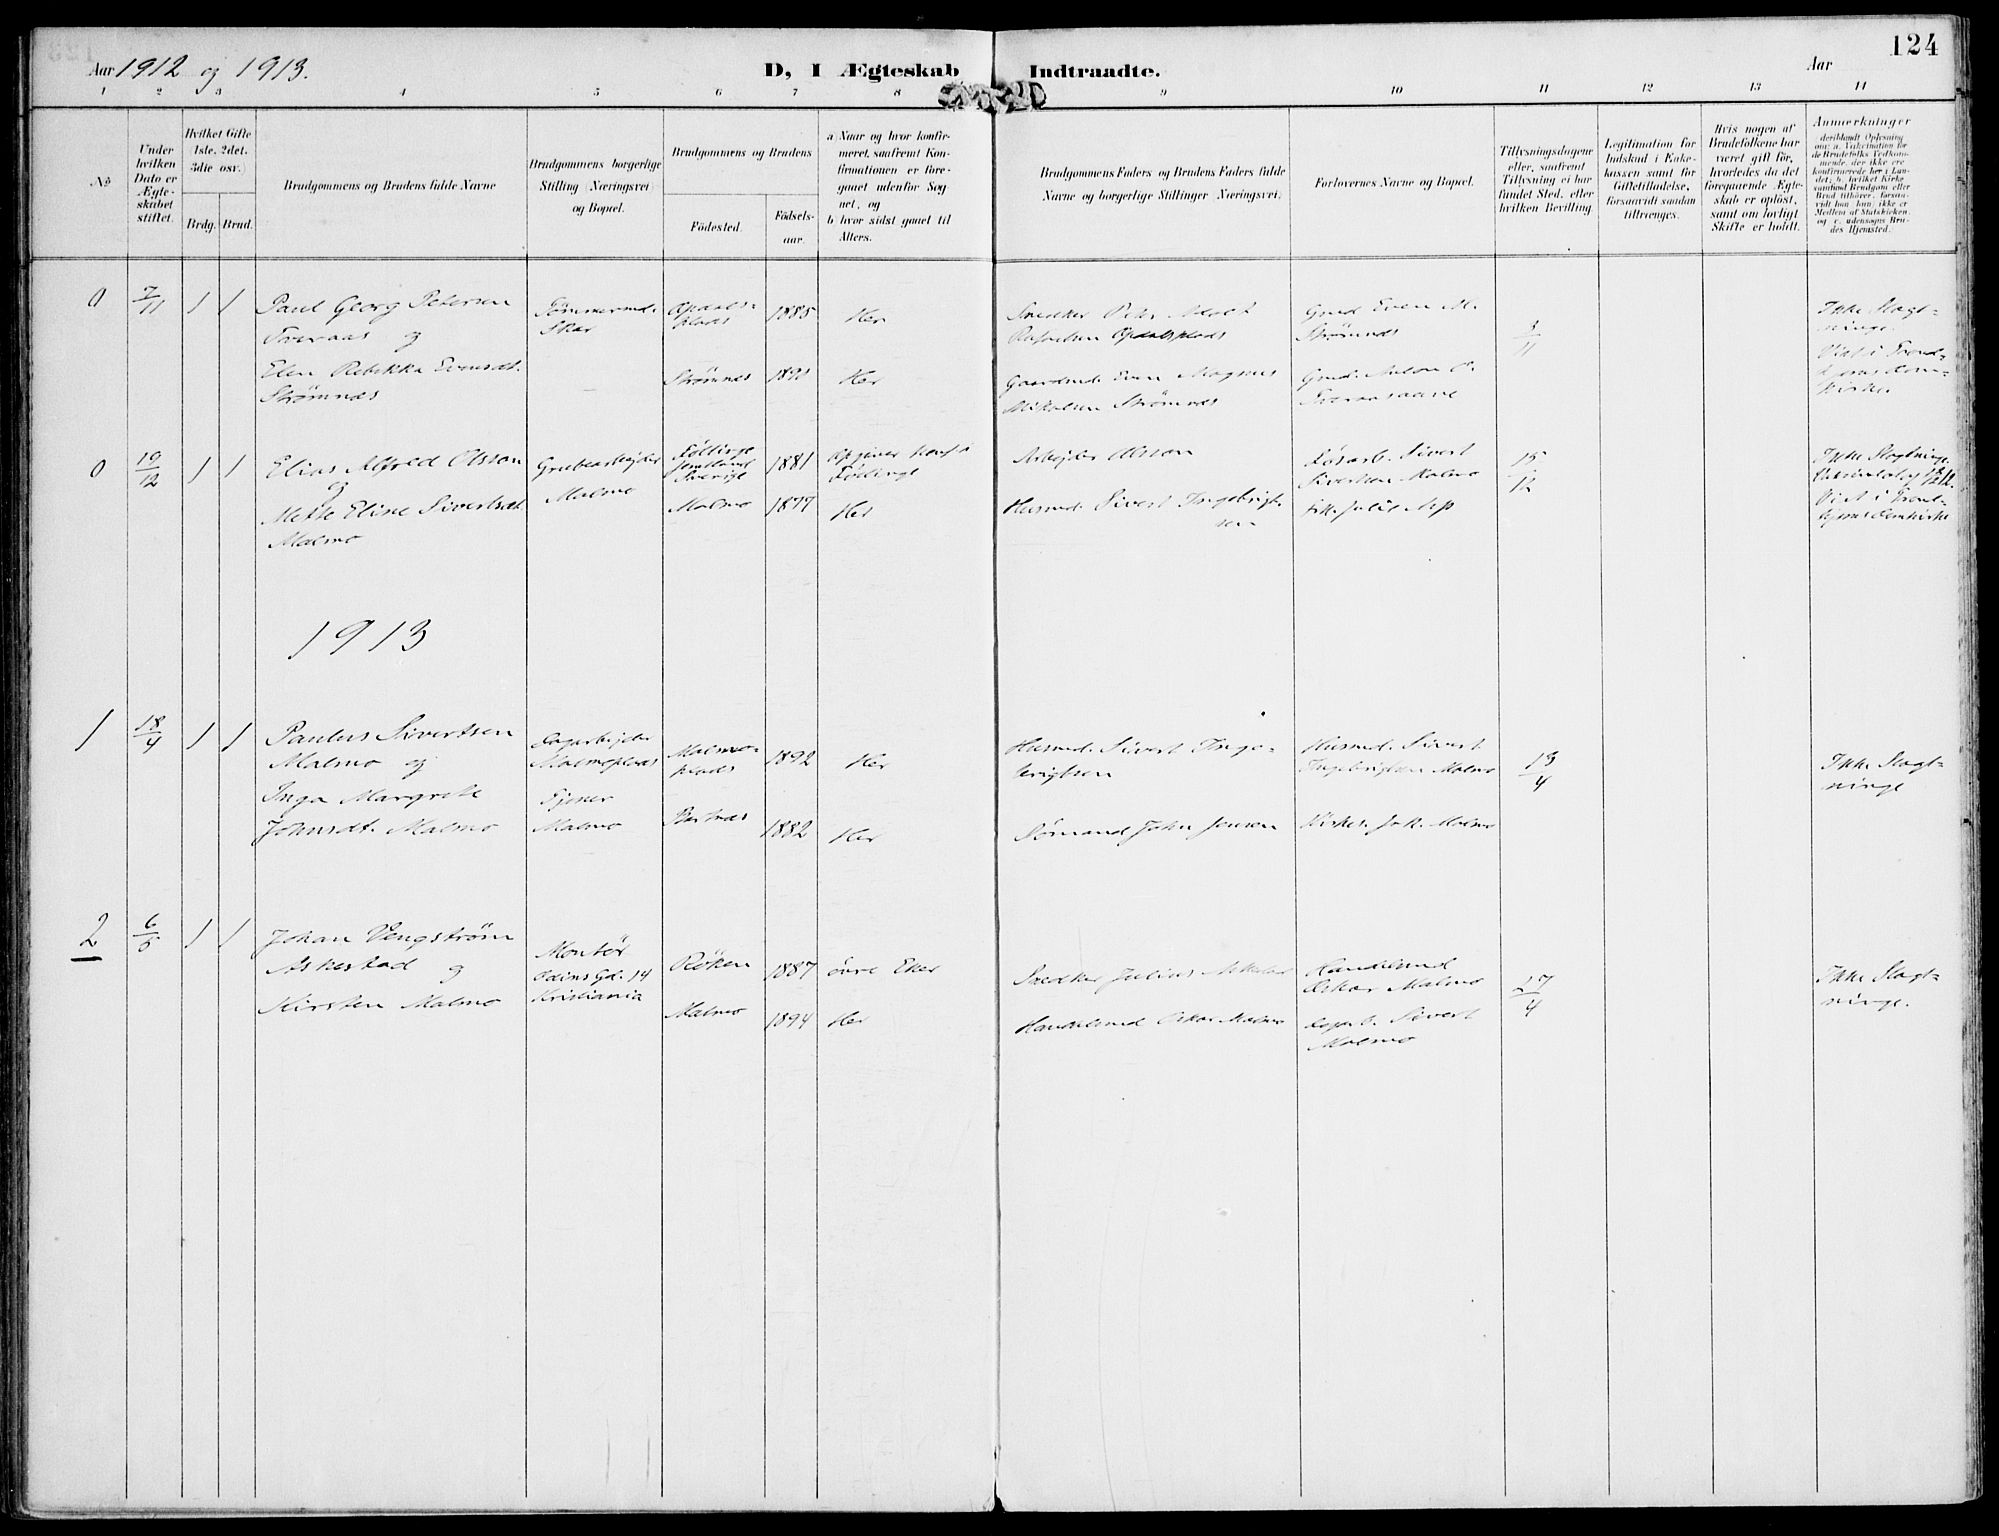 SAT, Ministerialprotokoller, klokkerbøker og fødselsregistre - Nord-Trøndelag, 745/L0430: Ministerialbok nr. 745A02, 1895-1913, s. 124